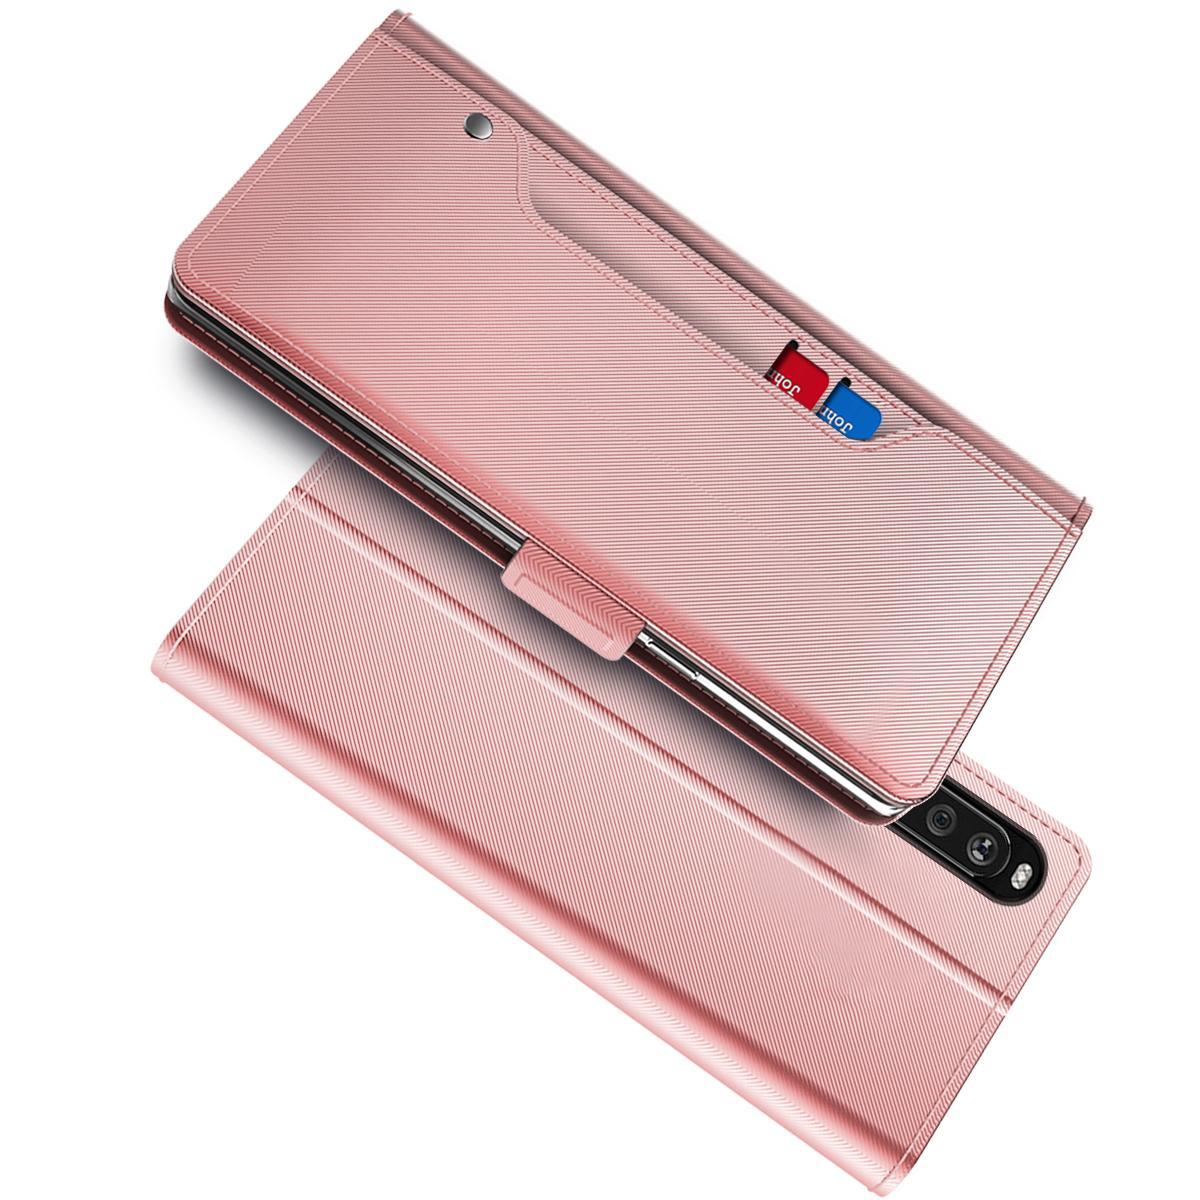 Plånboksfodral Spegel Sony Xperia 10 III rosa guld